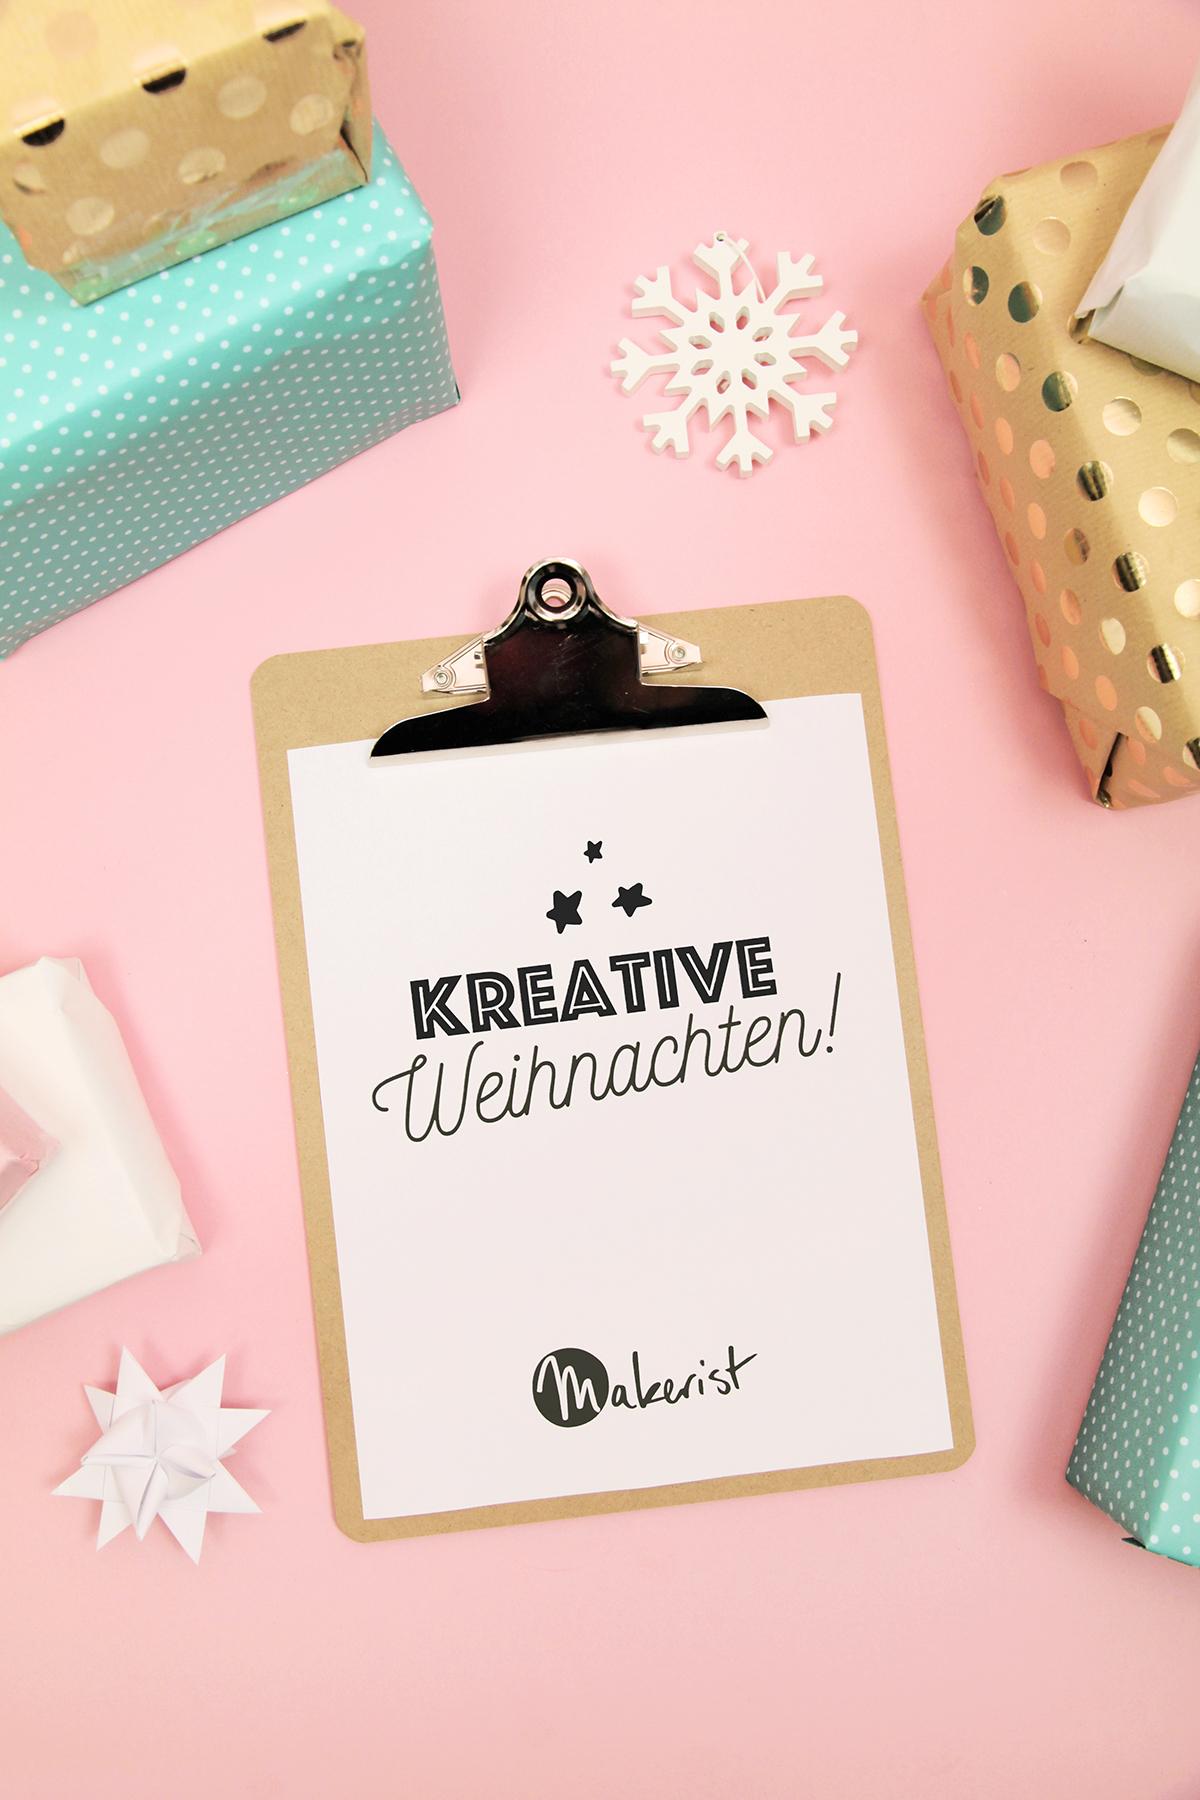 Makerist-Gratis-Printable-für-Weihnachtskarten-Typo-Sprüche-ausdrucken-5